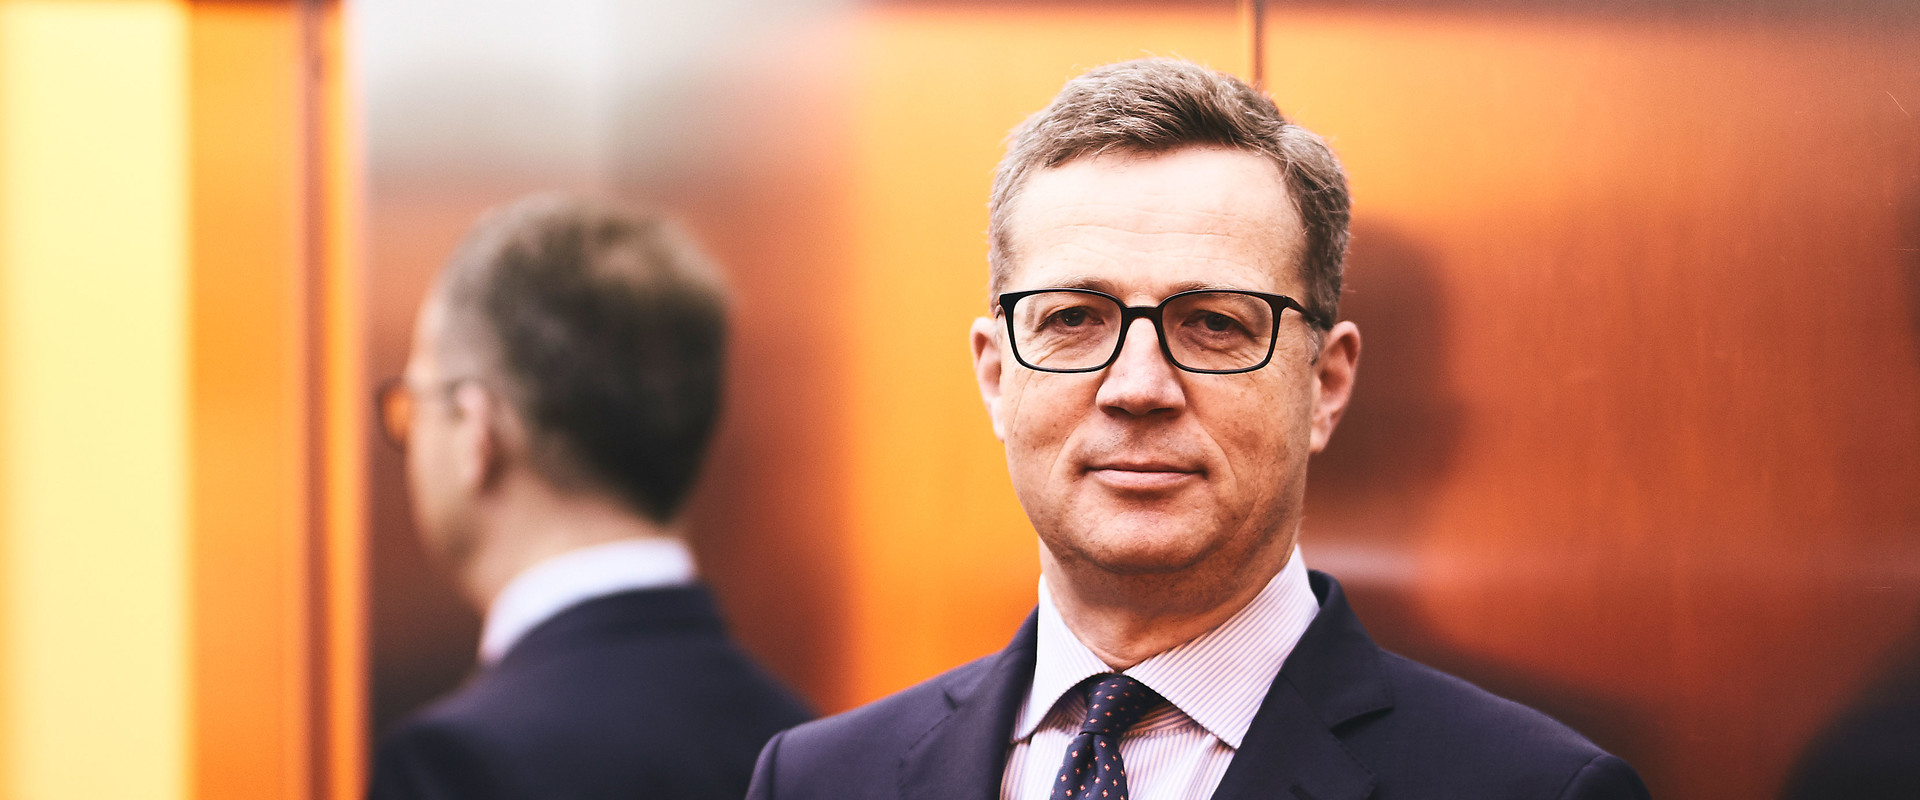 Bild zeigt Notar Dr. Markus Riemenschneider im Porträt